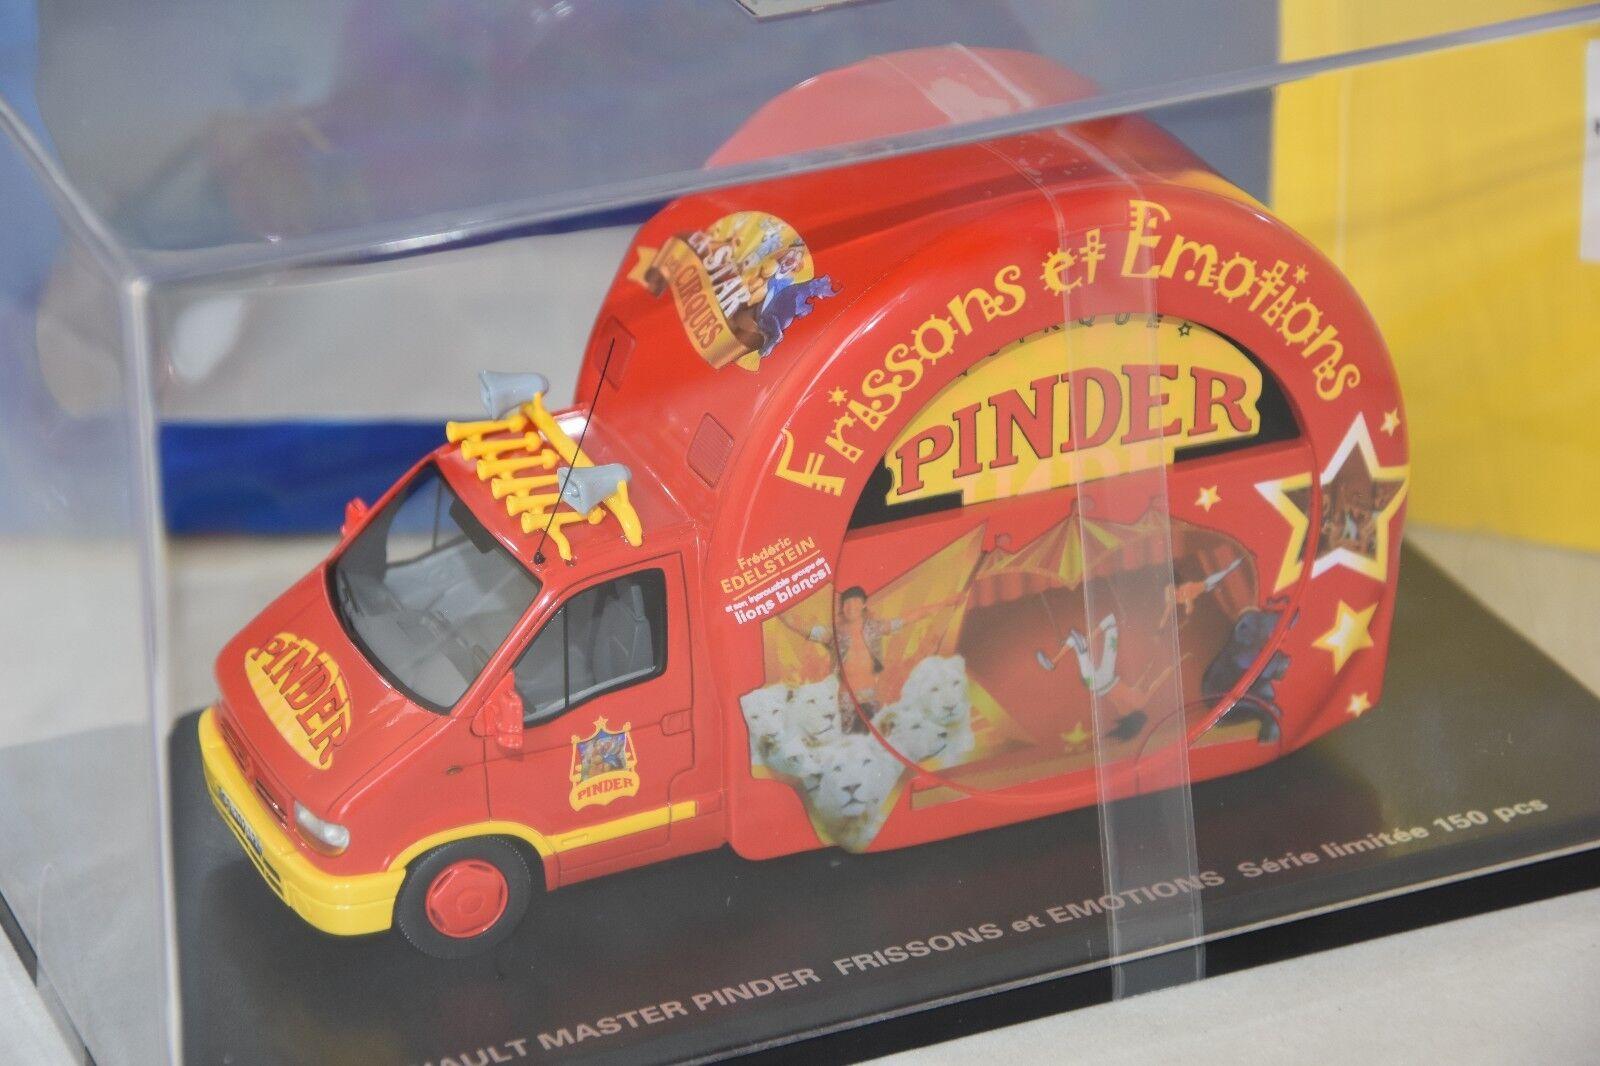 PERFEX 115PI  - RENAULT MASTER PINDER FRISSONS ET EMOTION 1997 1/43